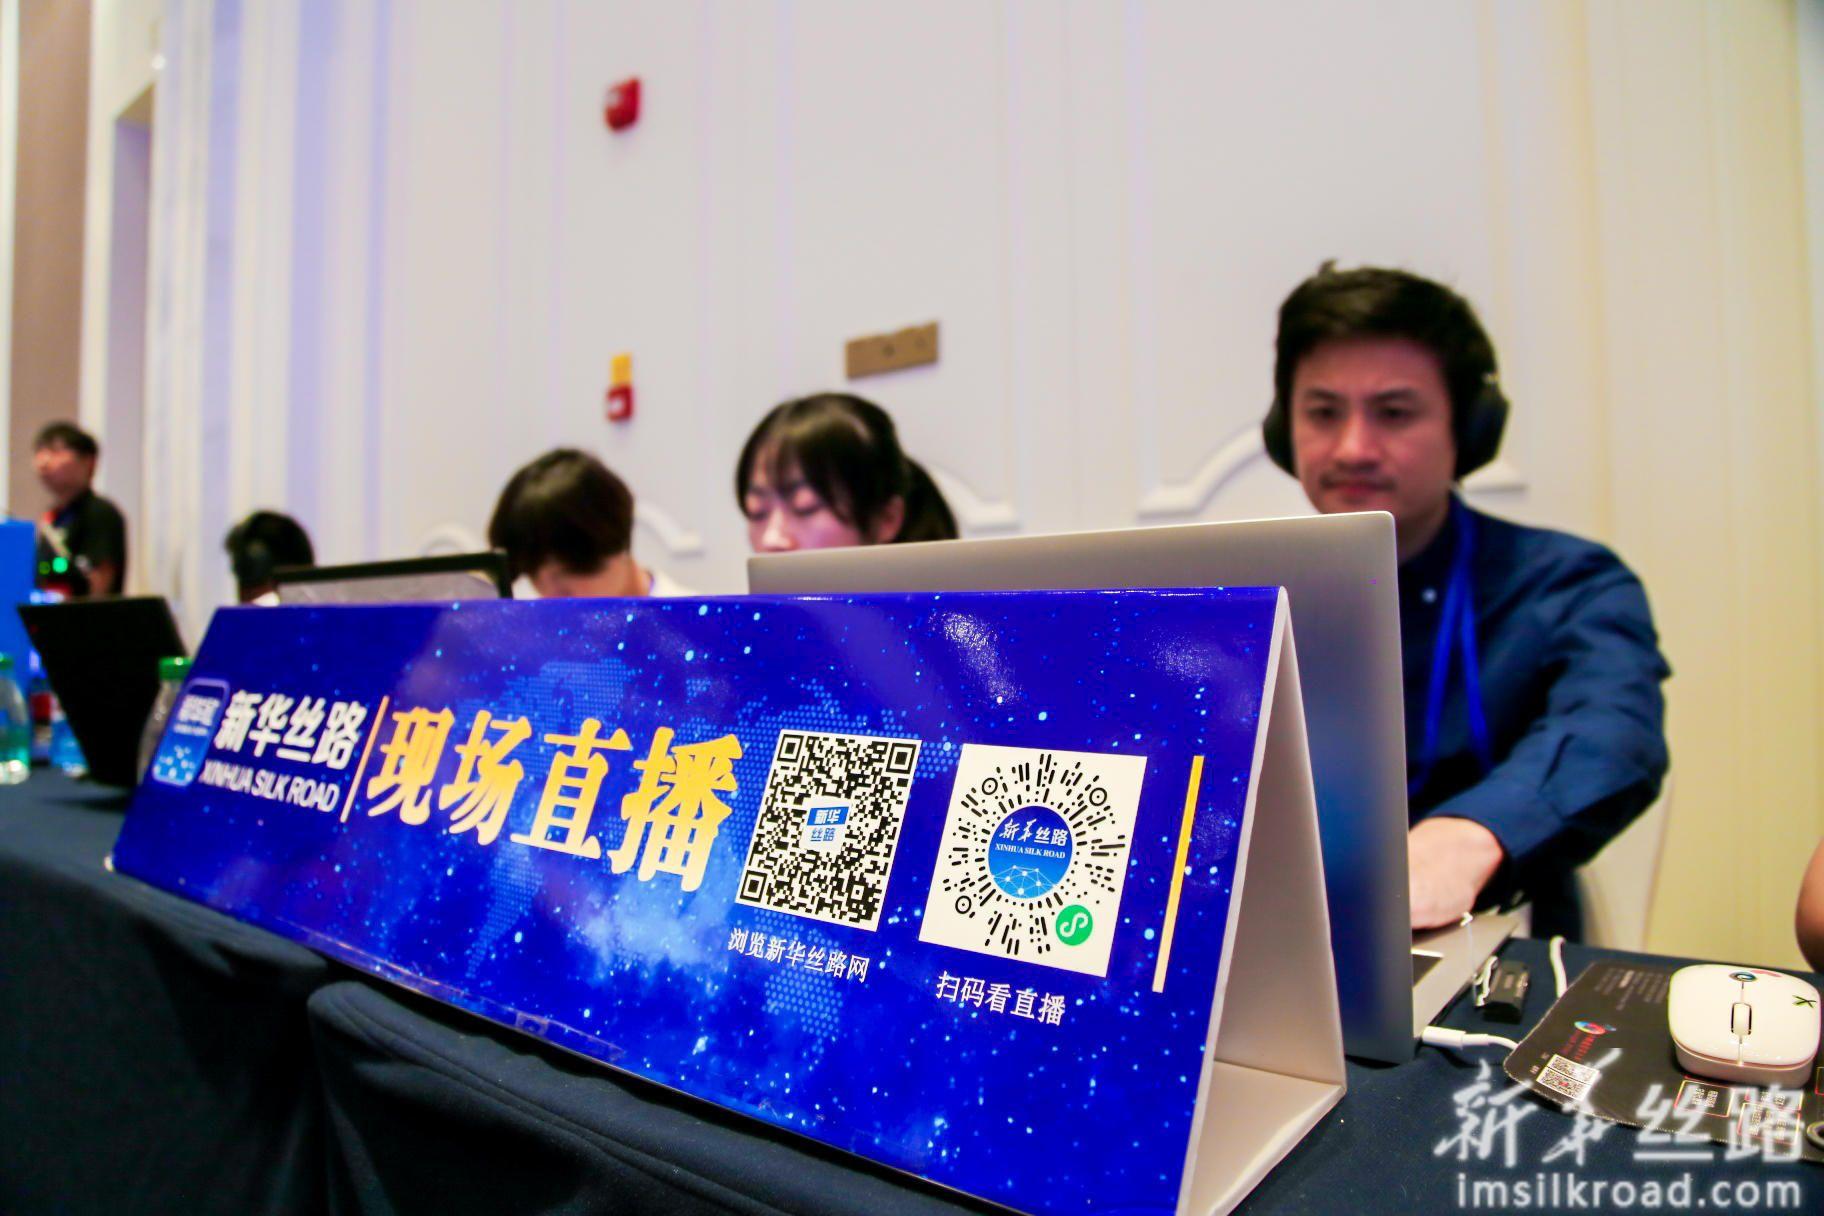 新华丝路直播第三届中国—阿拉伯国家工商峰会。